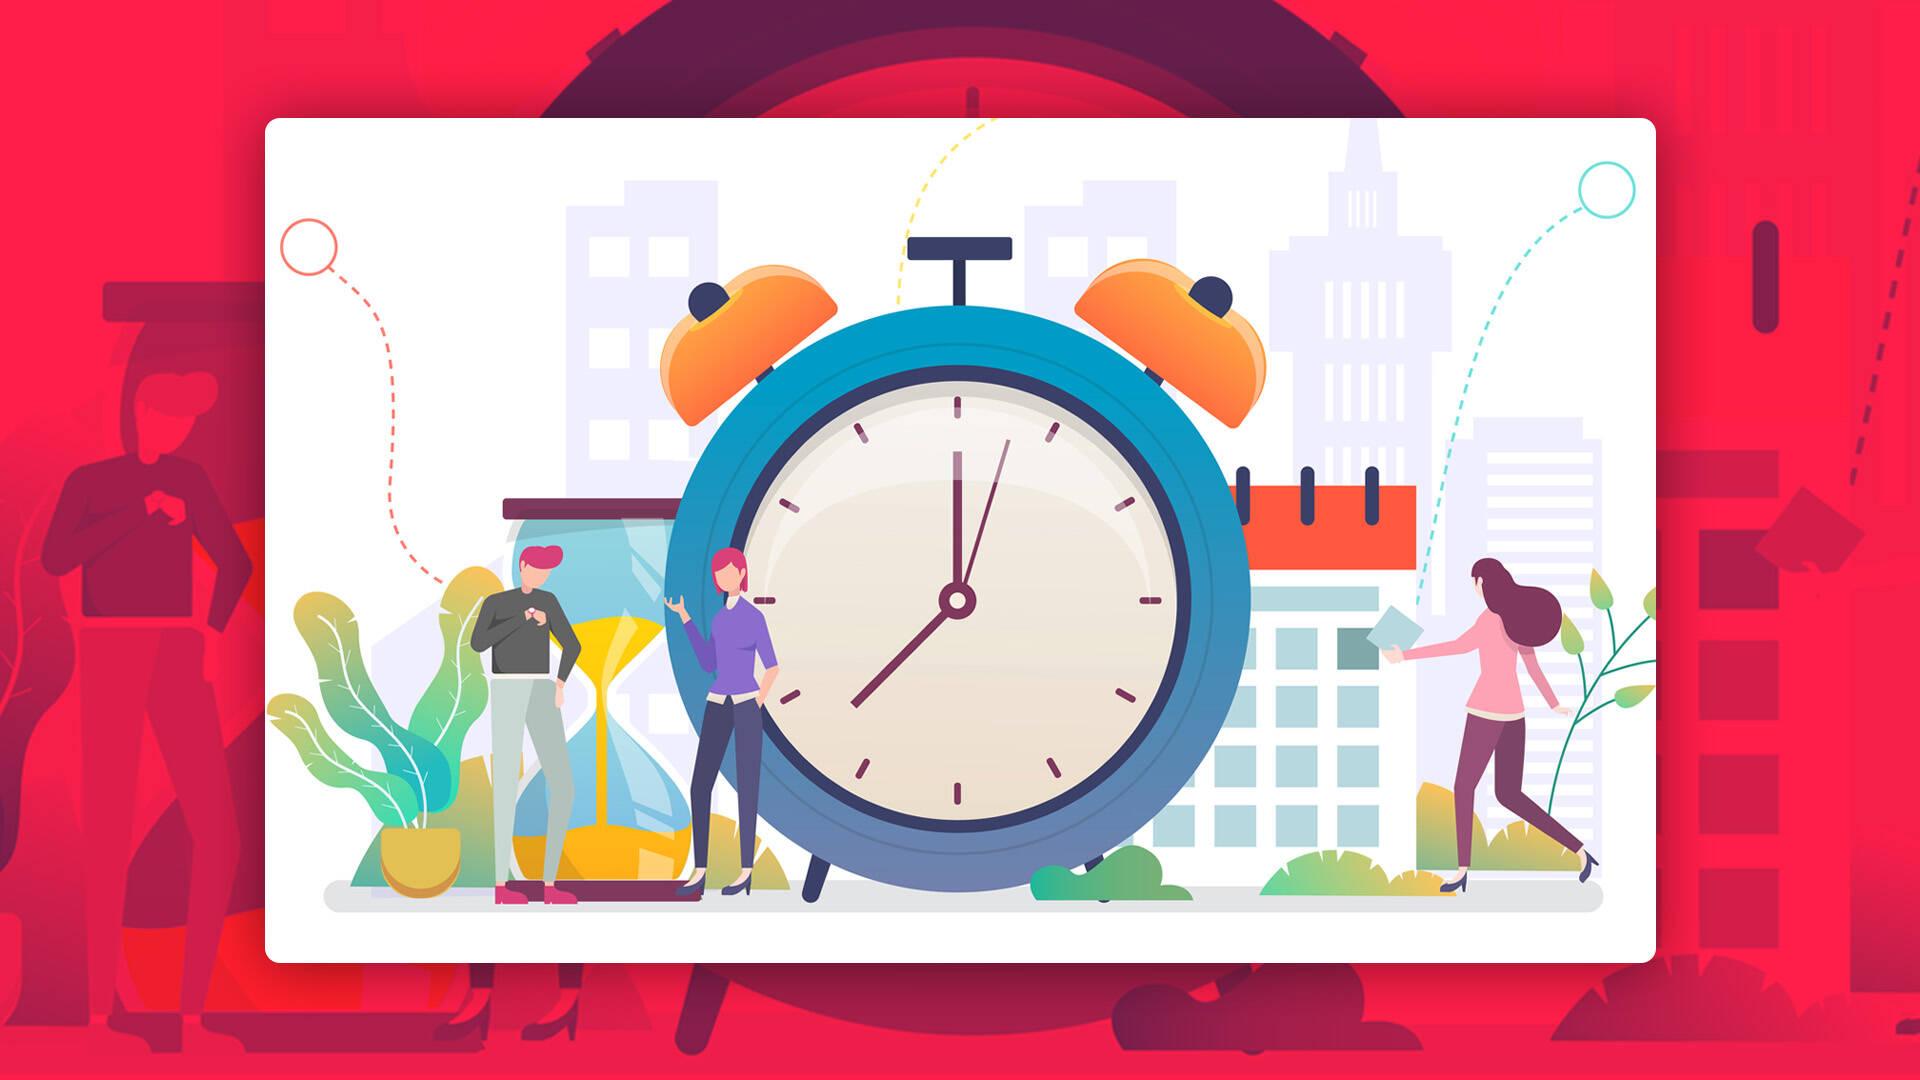 Gestão do tempo e produtividade: a regra básica para melhorar!